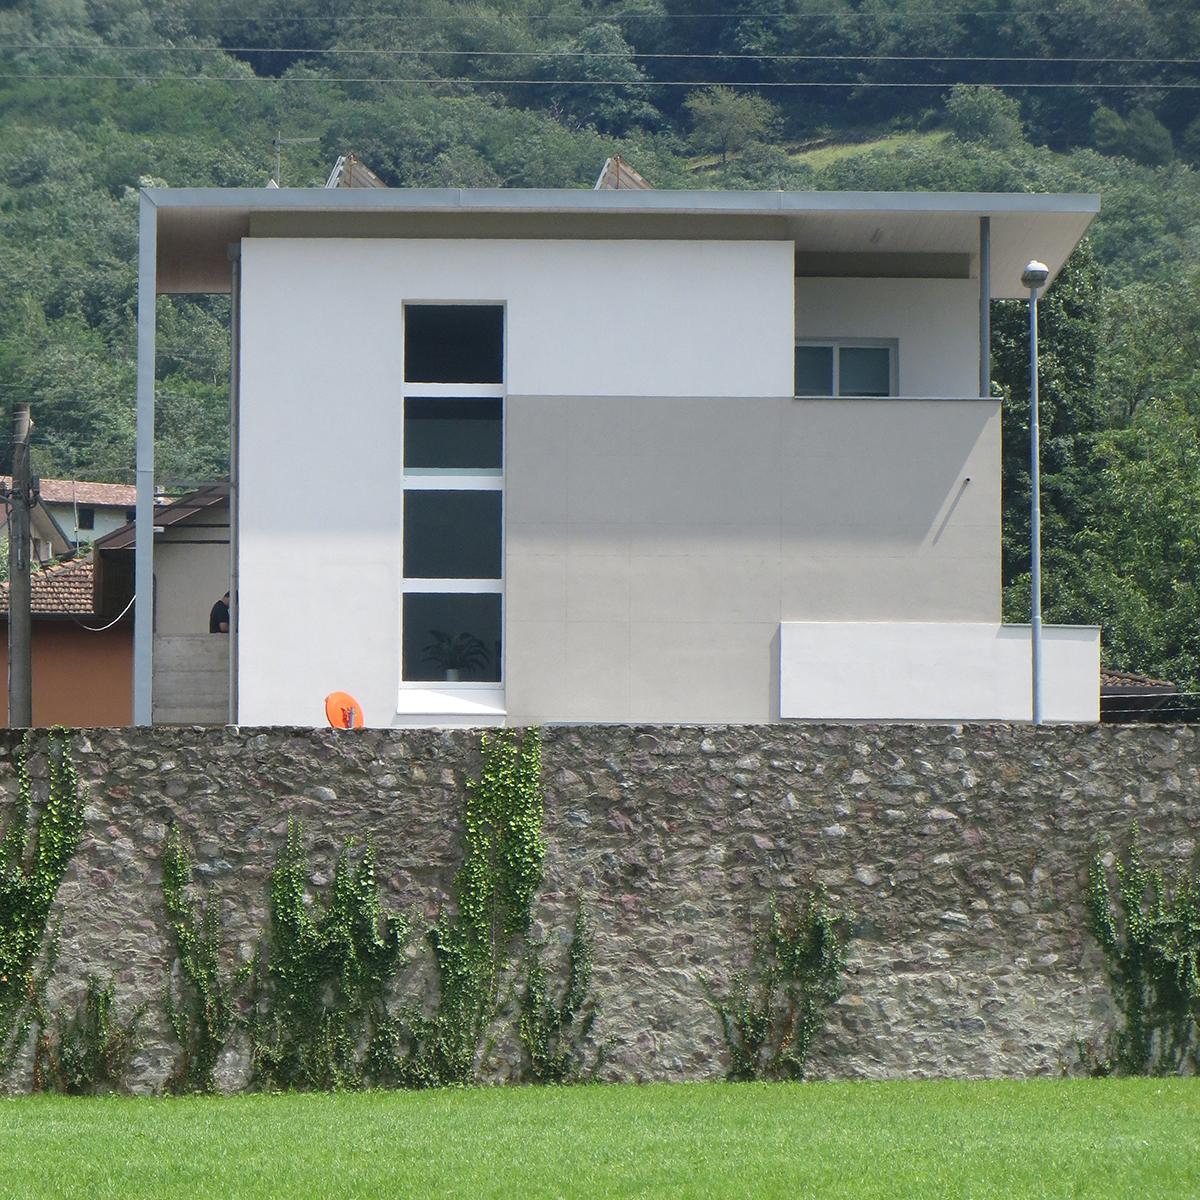 Studio-di-architettura-Baisotti-Sigala-prgetti42